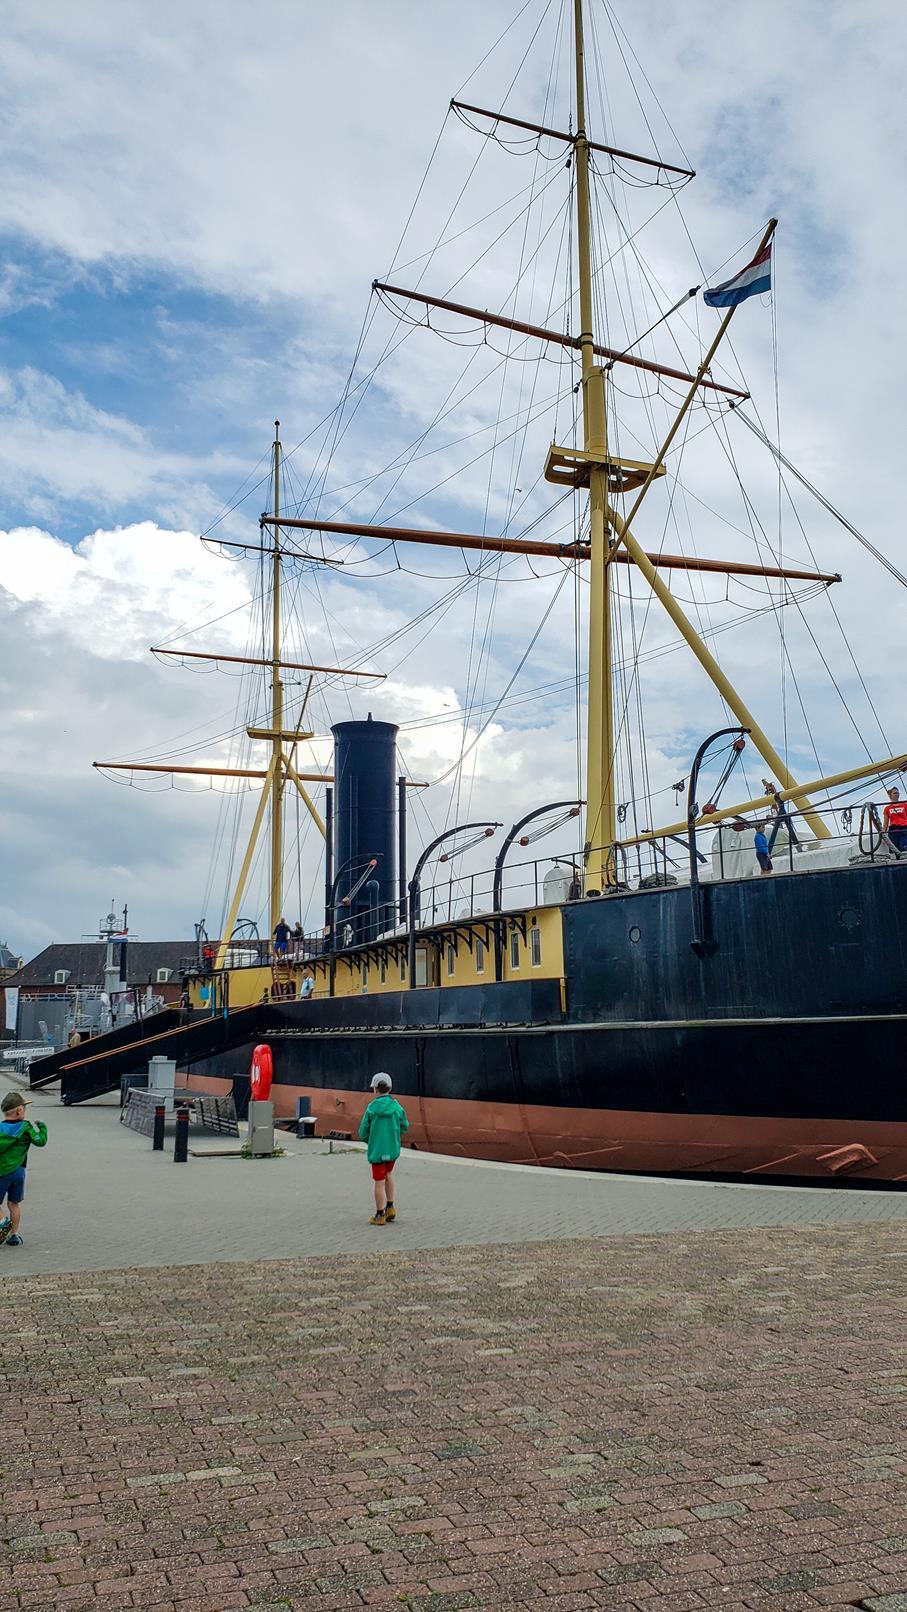 Marine museum Den Helder